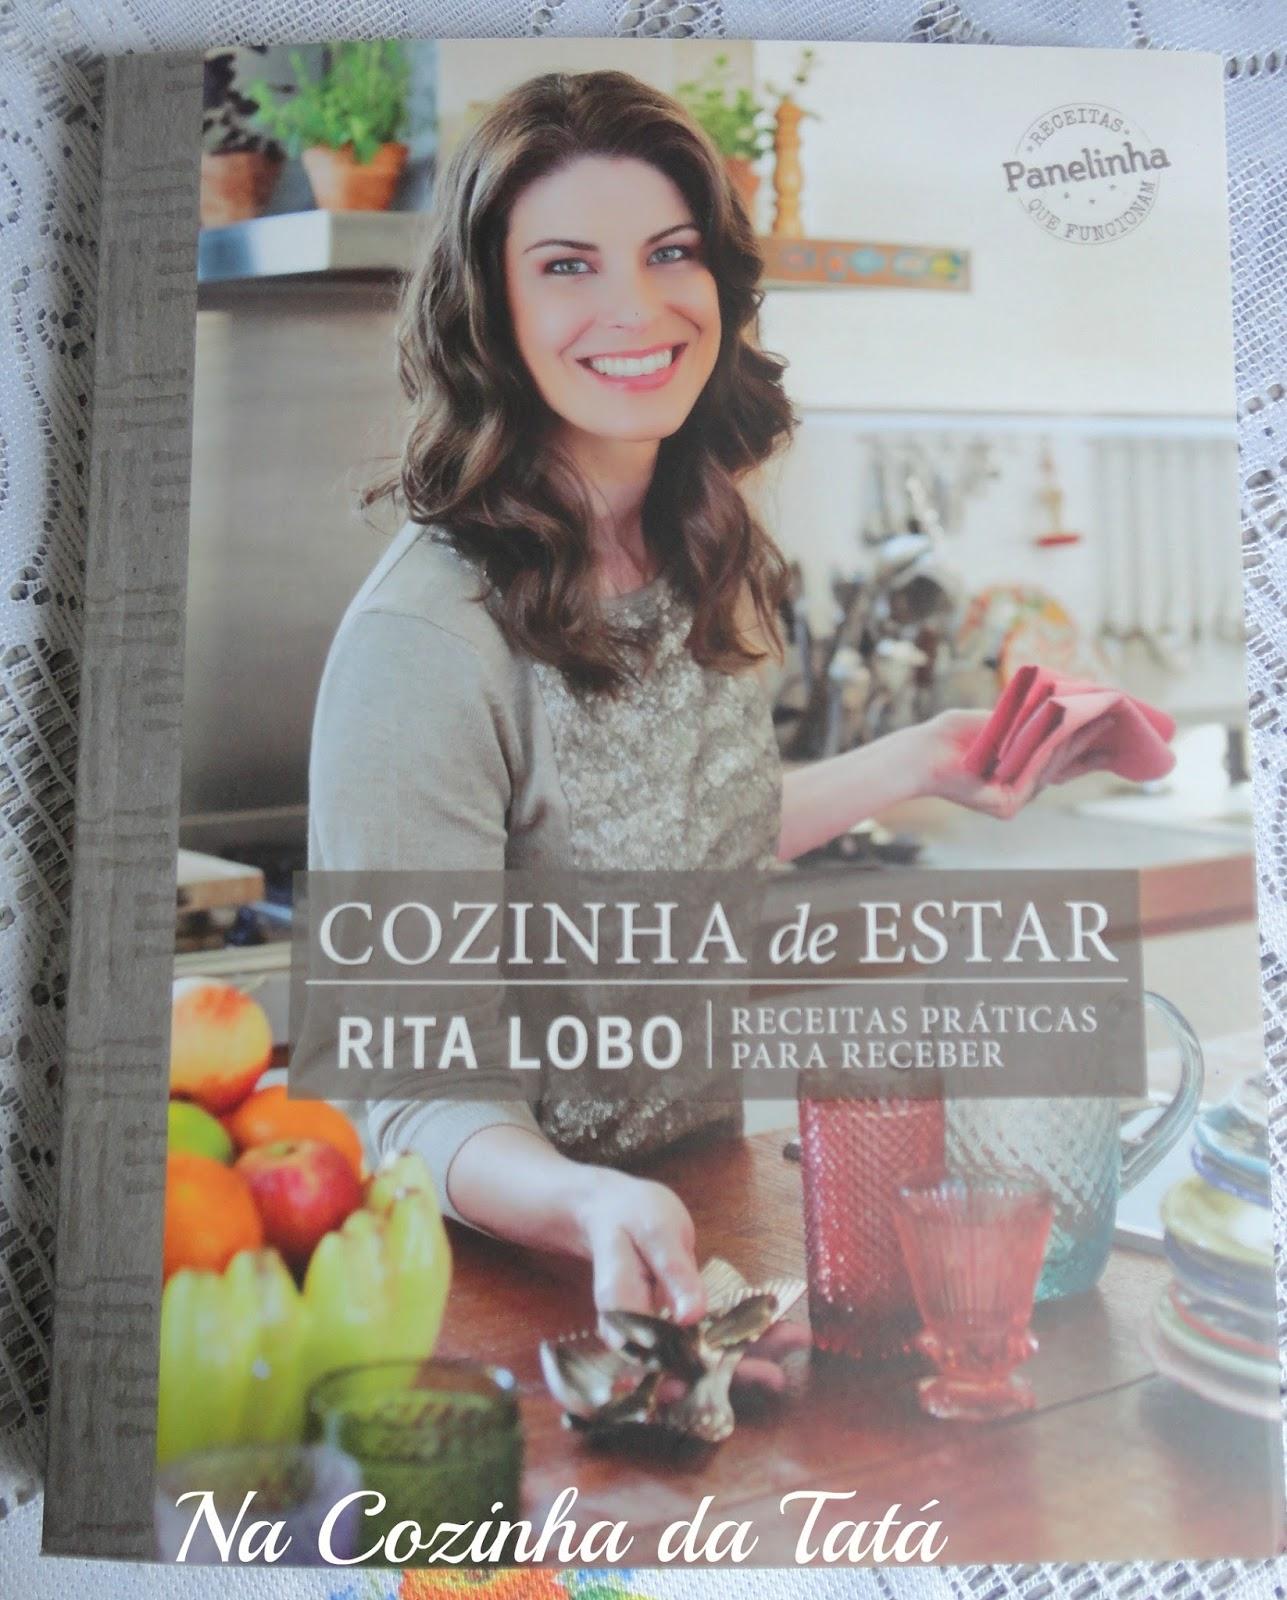 #6E7F4C livro COZINHA de ESTAR da chef Rita Lobo ganhei em um sorteio no  1287x1600 px Projeto Cozinha Rita Lobo #2687 imagens